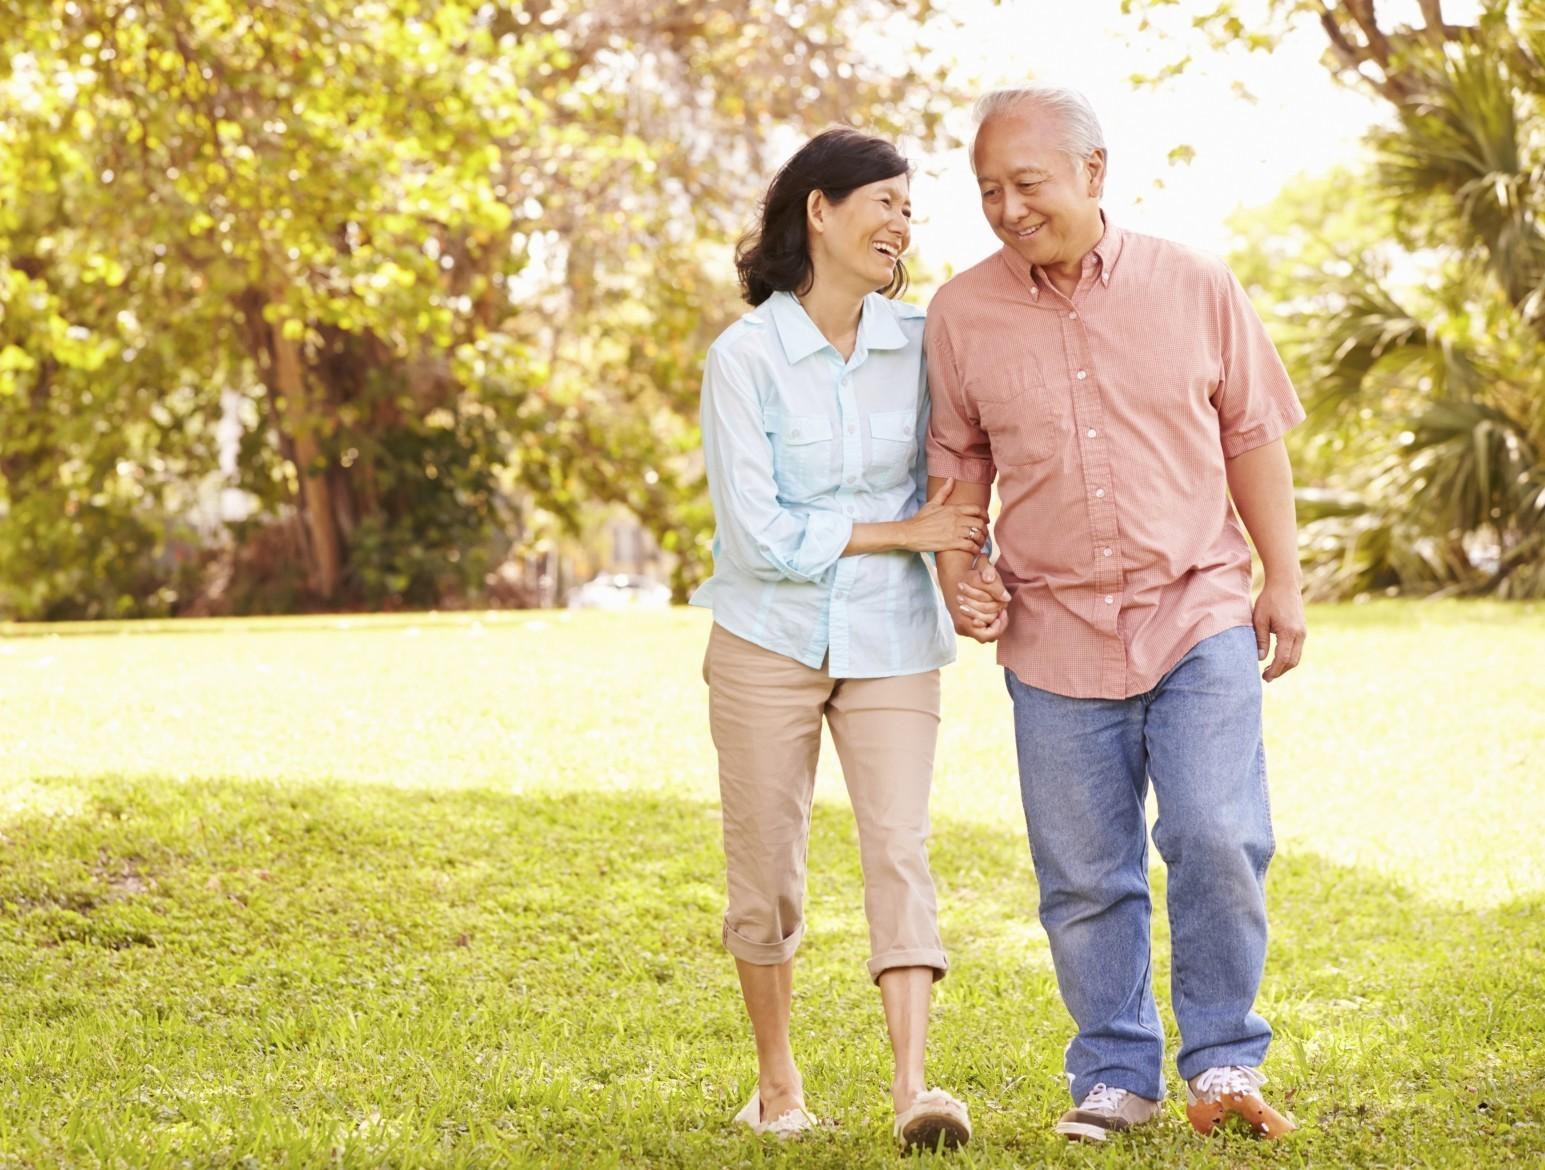 Прогулки или ходьба в комфортном темпе является наиболее доступным видом физической активности для людей с диабетом 2 типа, вне зависимости от тяжести диабета и сопутствующих заболеваний.